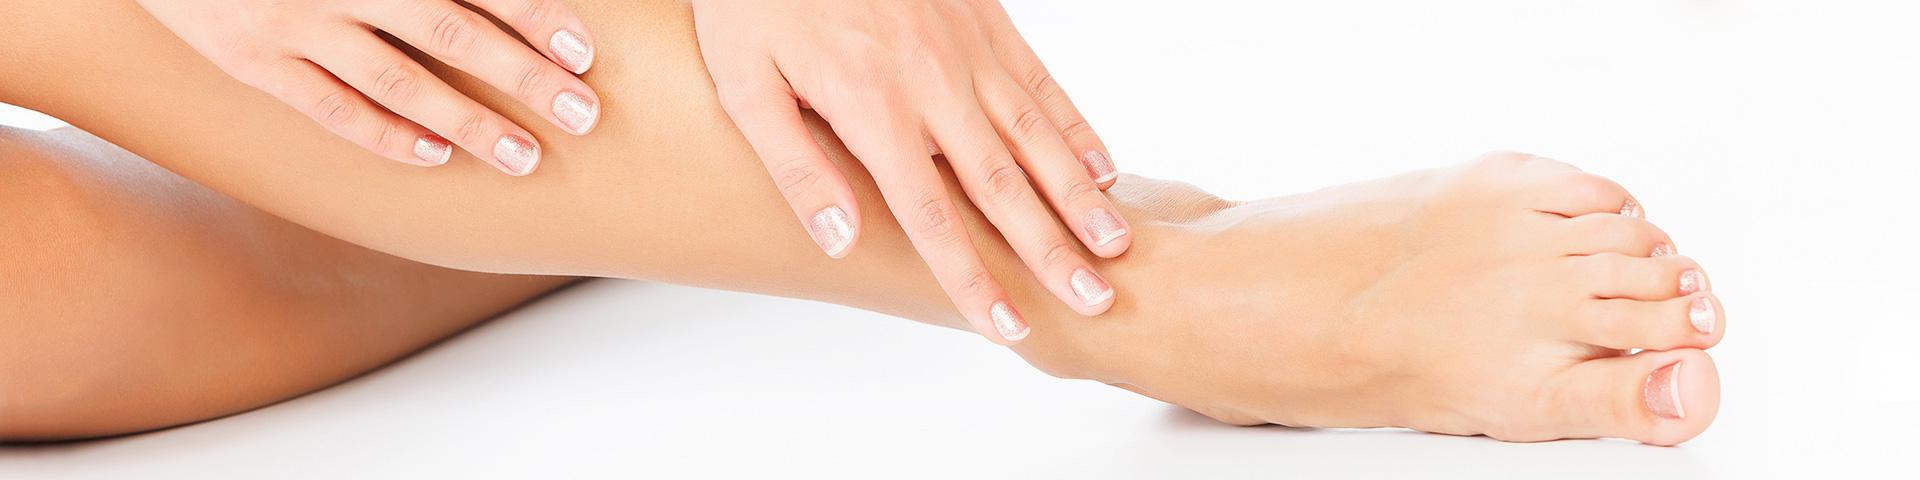 Schön manikürte Hände greifen zu schön lackierten Füßen